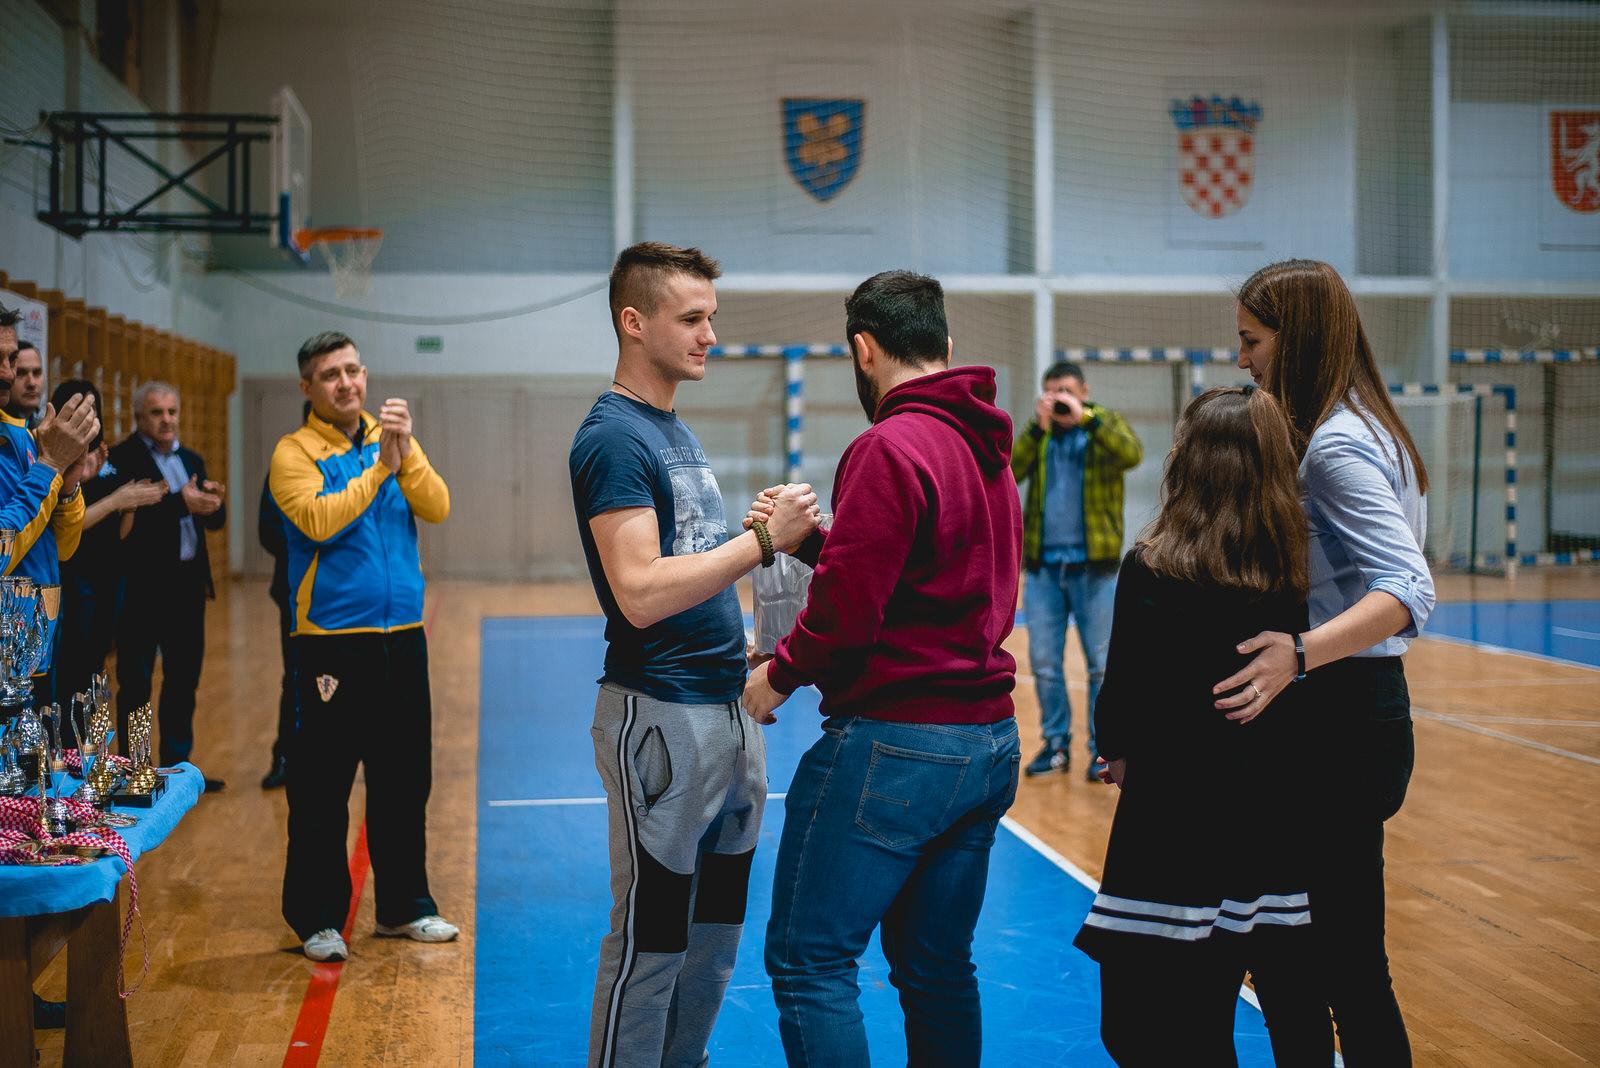 likaclub_gospić_zimski-malonogometni-turnir-2018-19-83